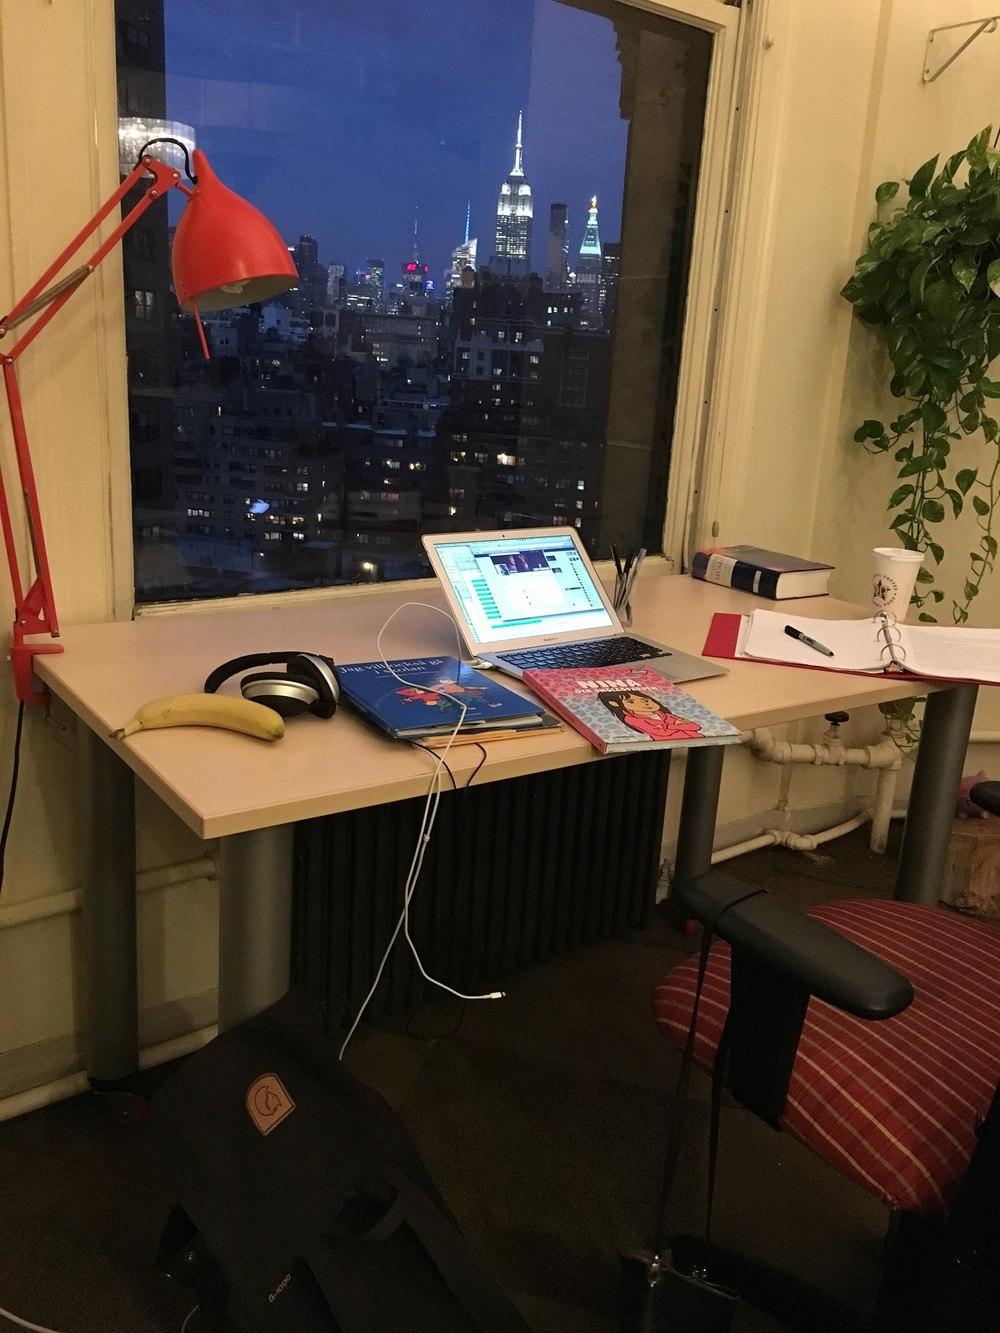 Så här ser det ut där jag sitter och jobbar för det mesta. Känner du igen tornet i fönstret och kanske någon av böckerna på bordet?